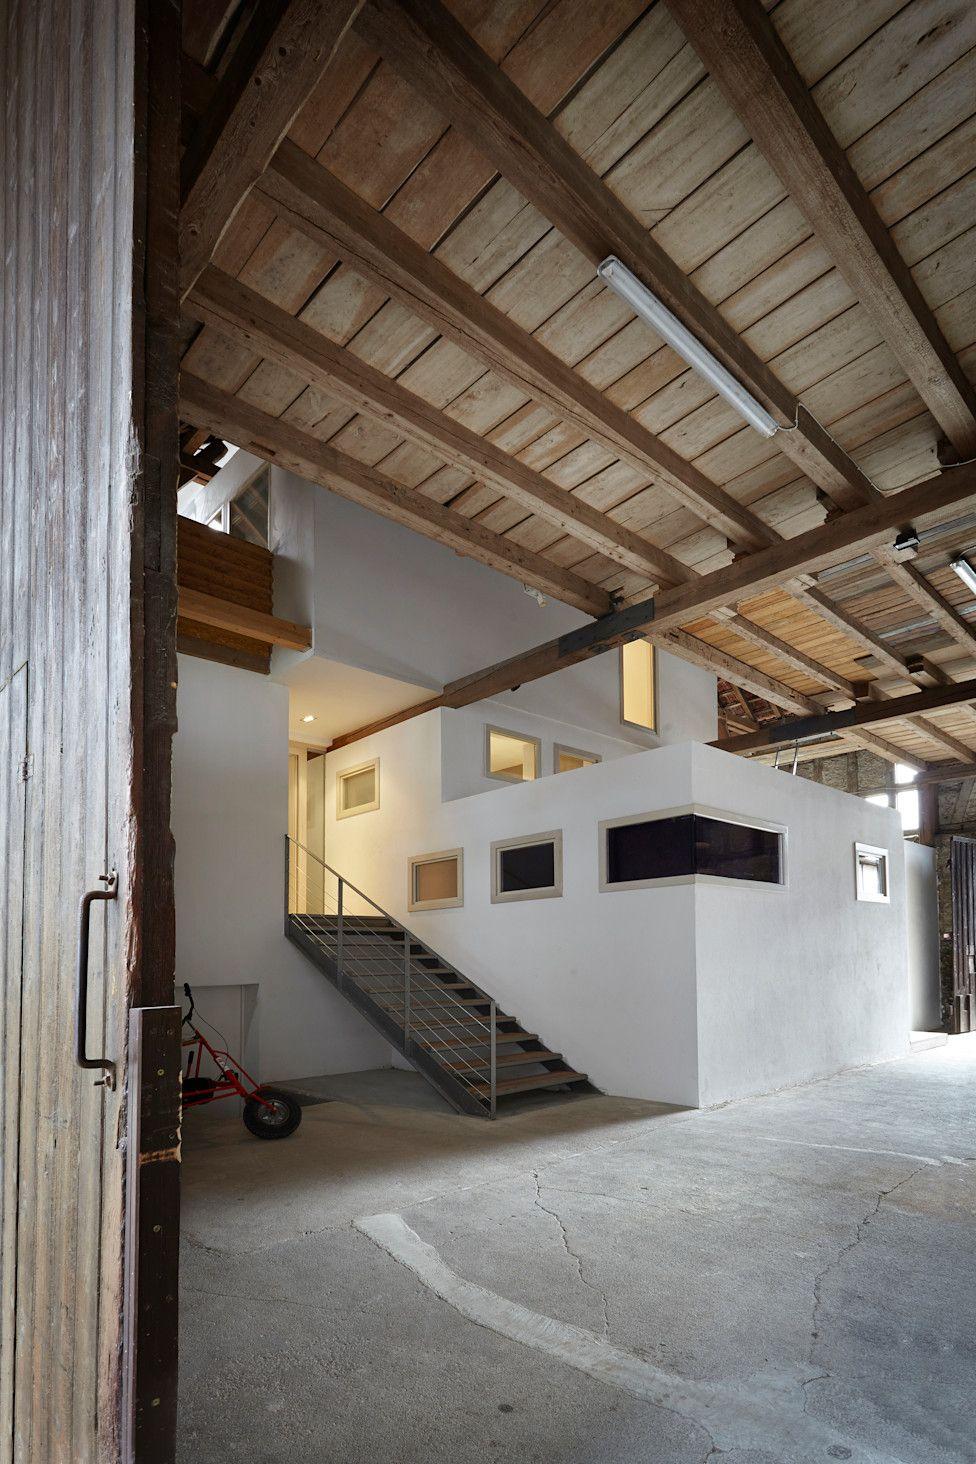 Modernes Haus in einer alten Scheune   homify – Architektur und Design